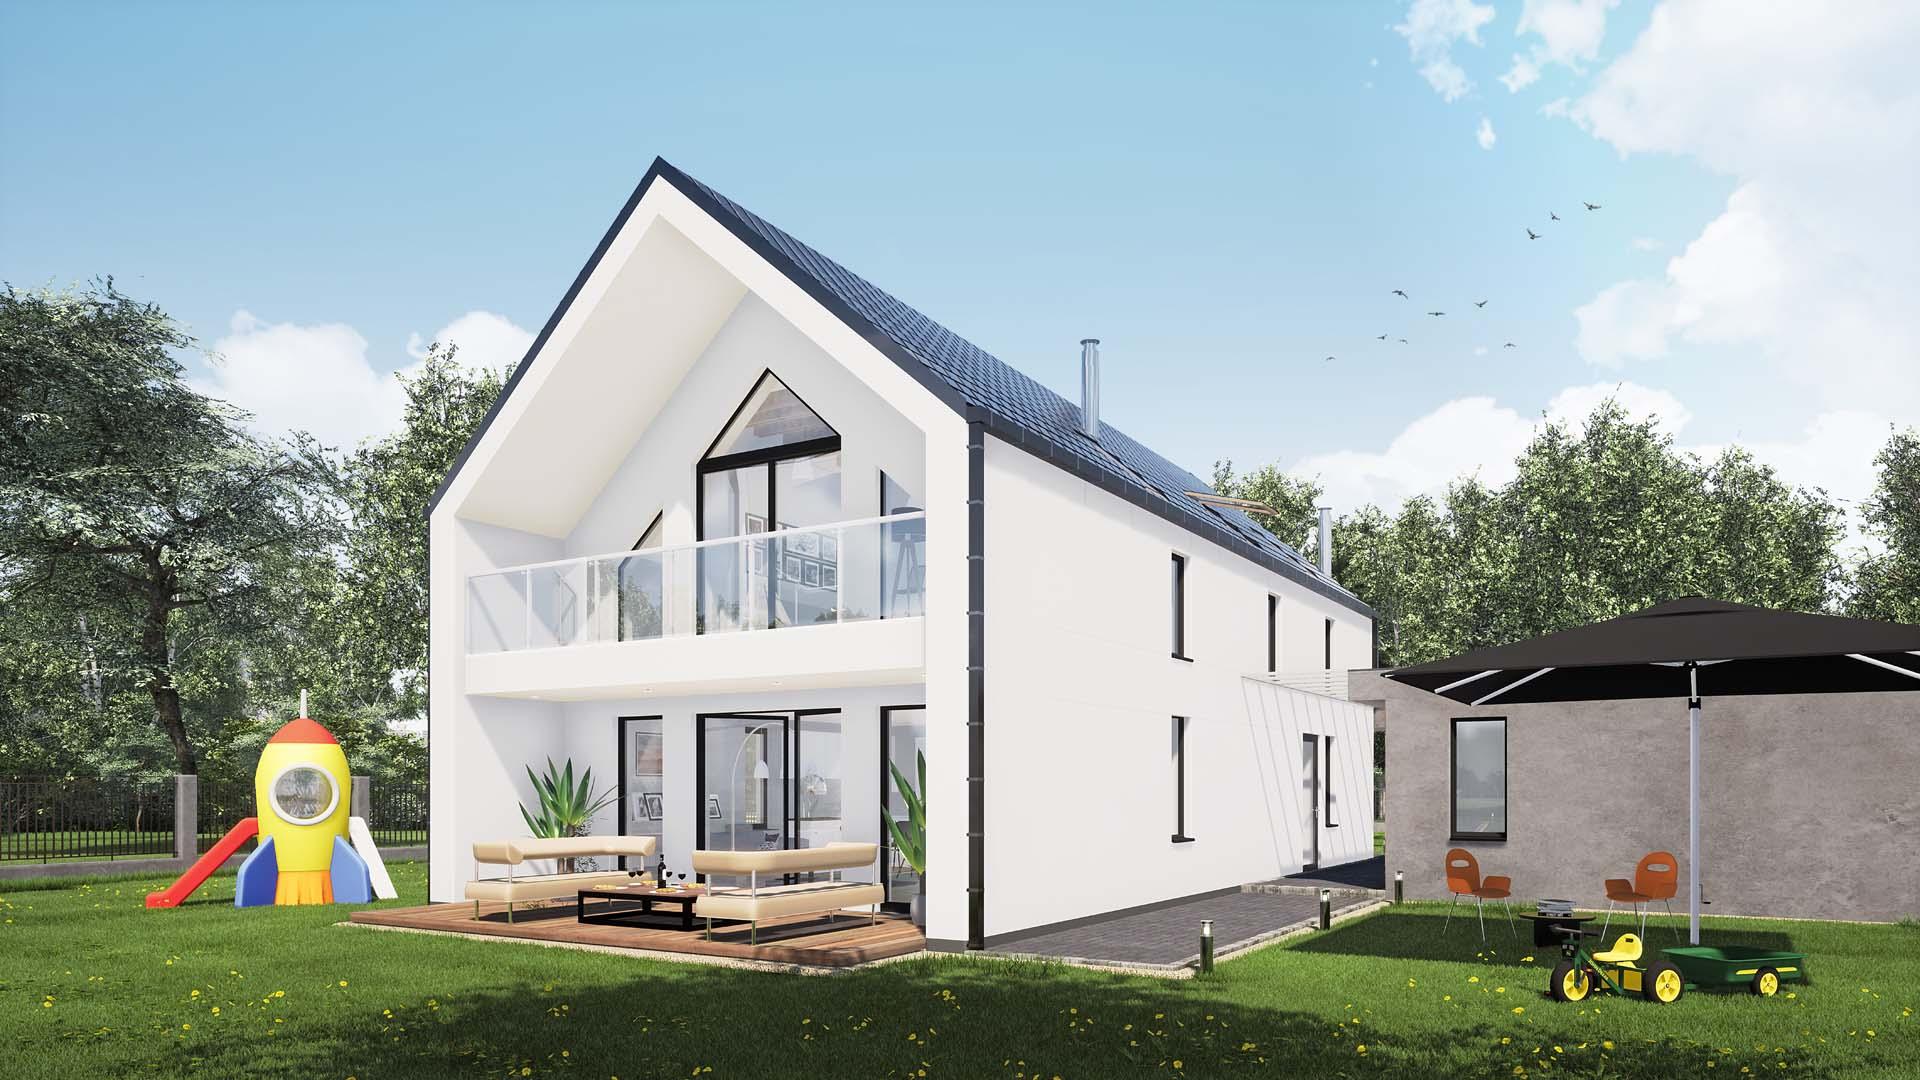 projekt budowlany domu jednrodzinnego strzemieszyce wielkie k. katowic dom modułowy